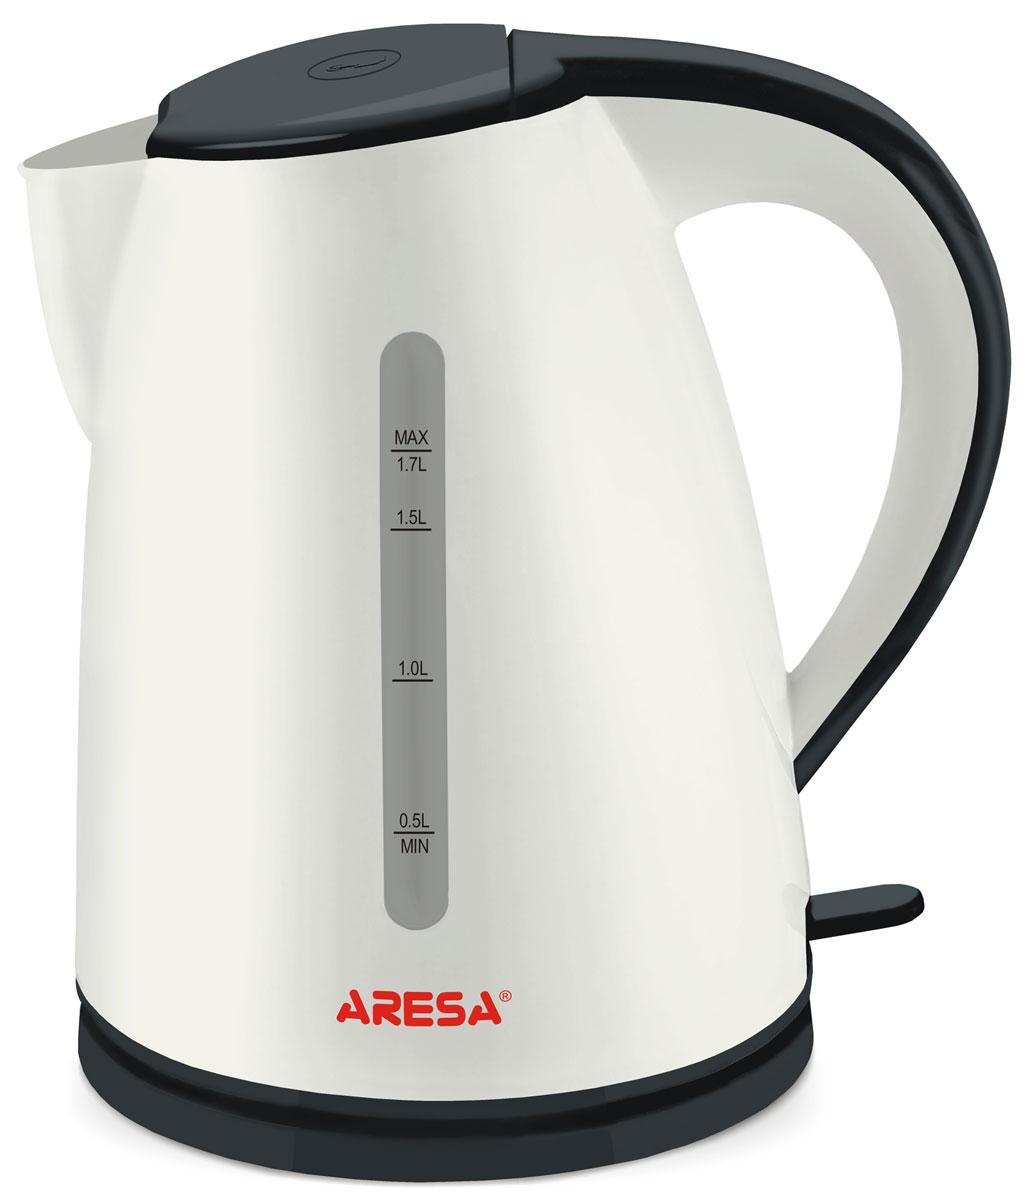 Aresa AR-3430 чайник электрическийAR-3430Электрический чайник Arsea AR-3430 мощностью 2000 Вт и объемом 1,7 литра отвечает всем современным требованиям надежности и безопасности. При его производстве используются только высококачественные и экологически безопасные материалы, а также нагревательный элемент и контроллеры высокого класса надежности. Устройство будет служить вам долгие годы, наполняя ваш быт комфортом!